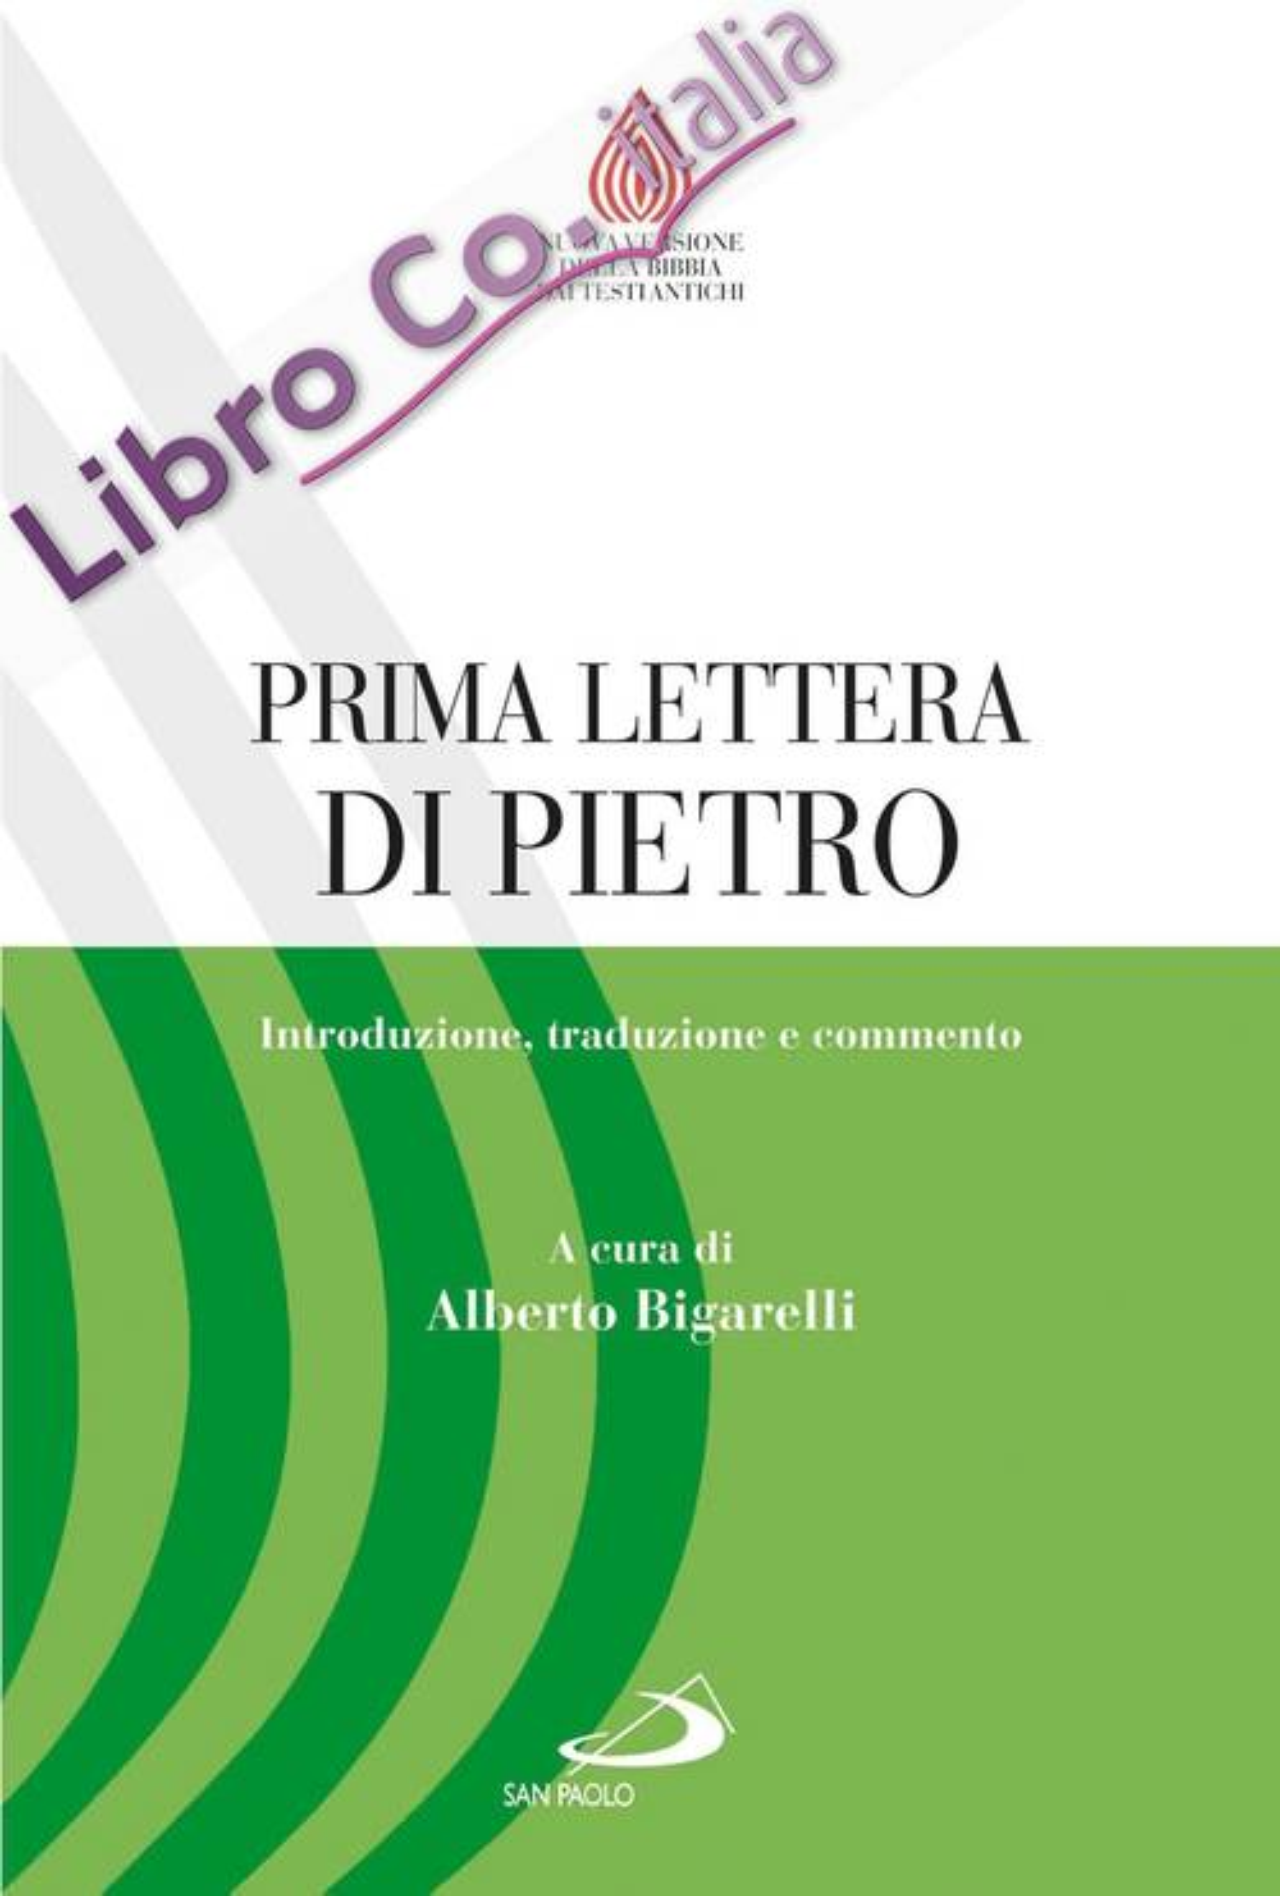 Prima lettera di Pietro. Introduzione, traduzione e commento.